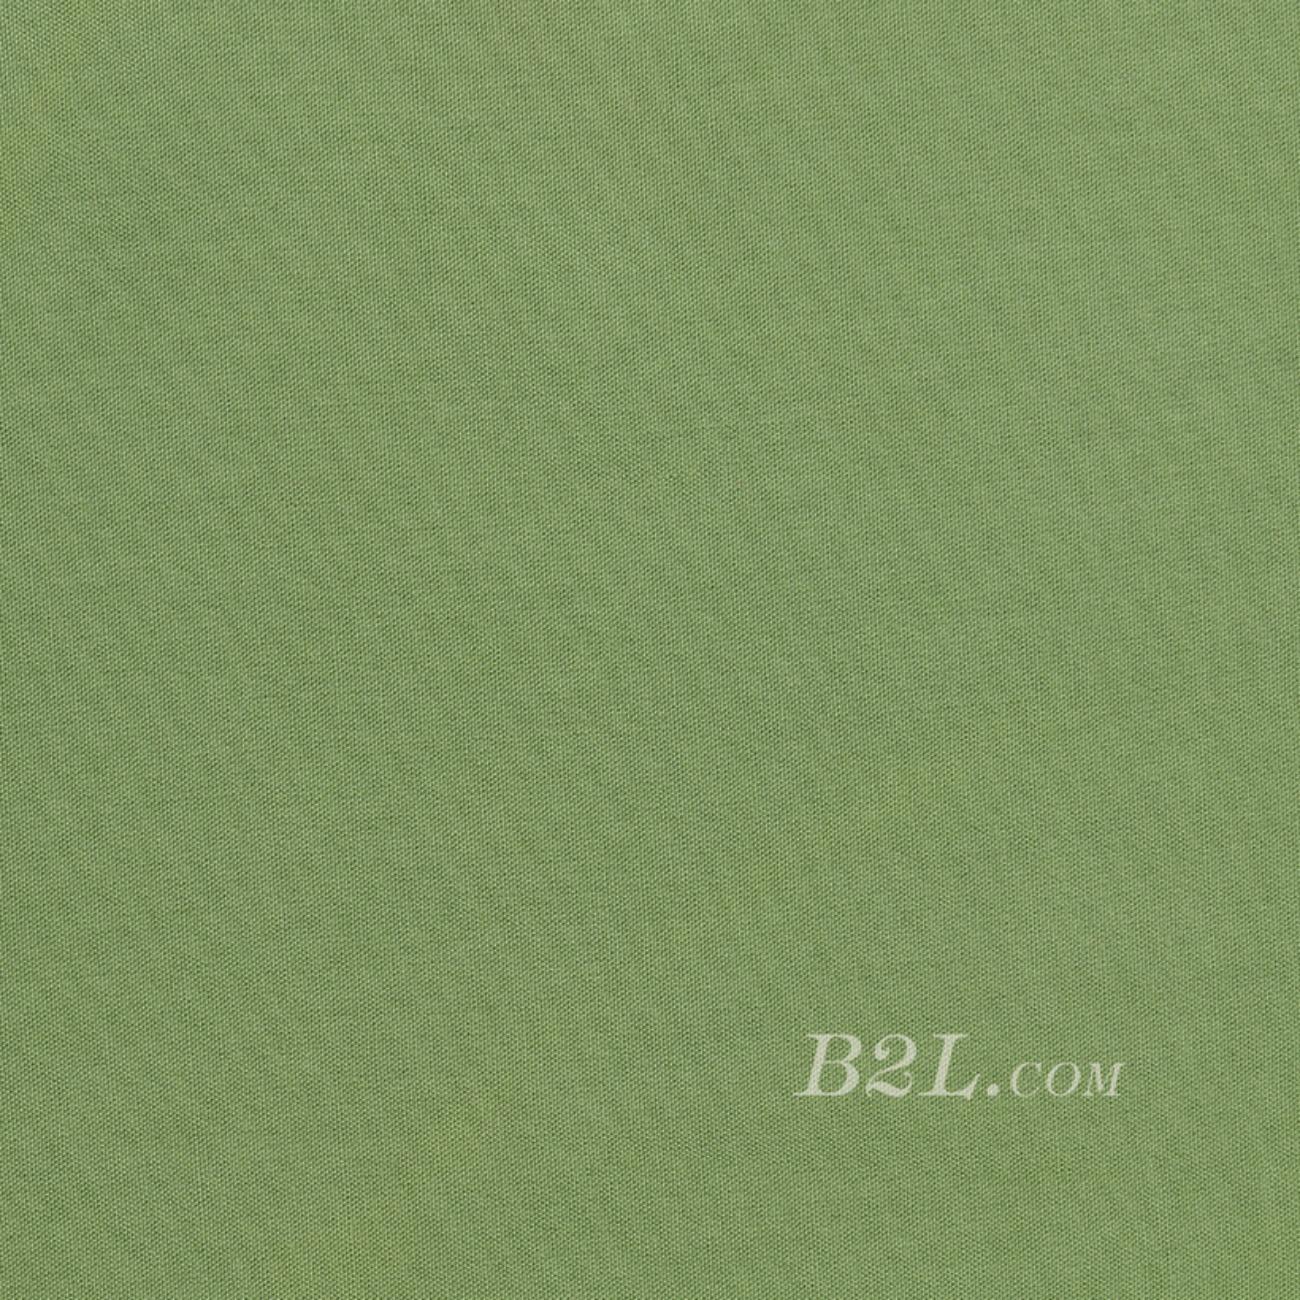 斜纹梭织素色染色连衣裙 短裙 衬衫 无弹 春 秋 柔软 麻感 70724-9